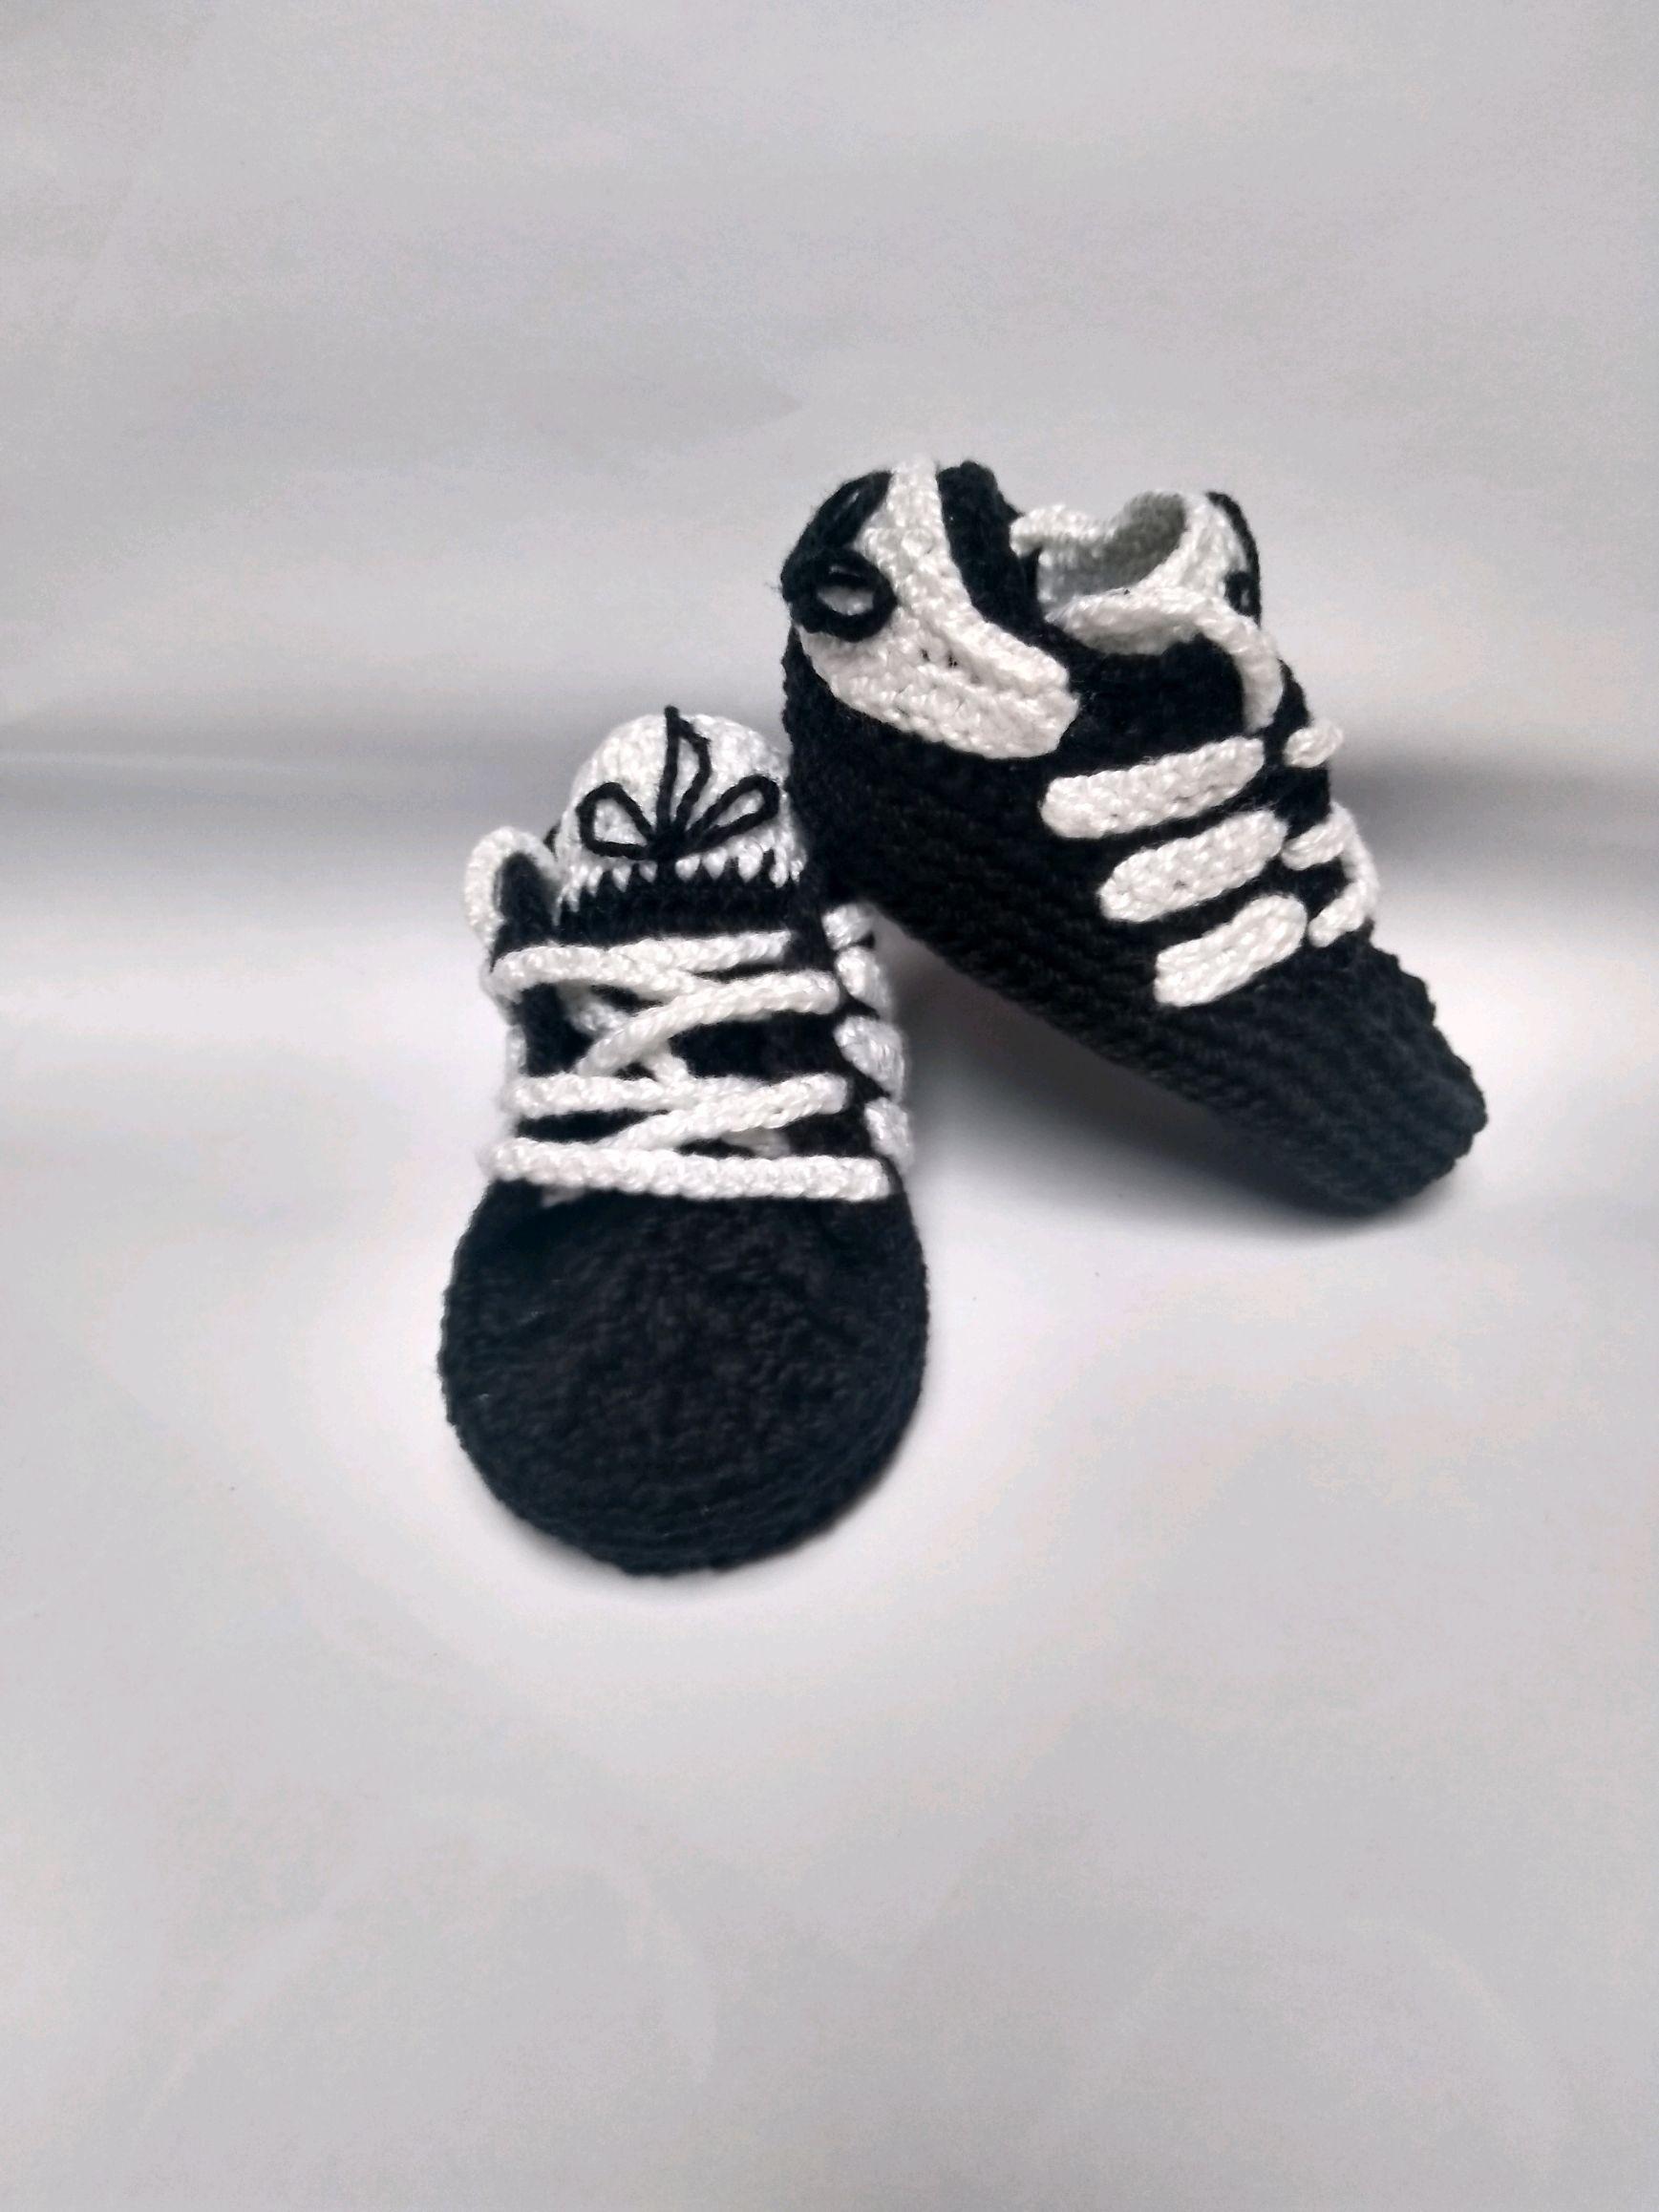 951b08ff090 Tenis Adidas Superstar de Croche